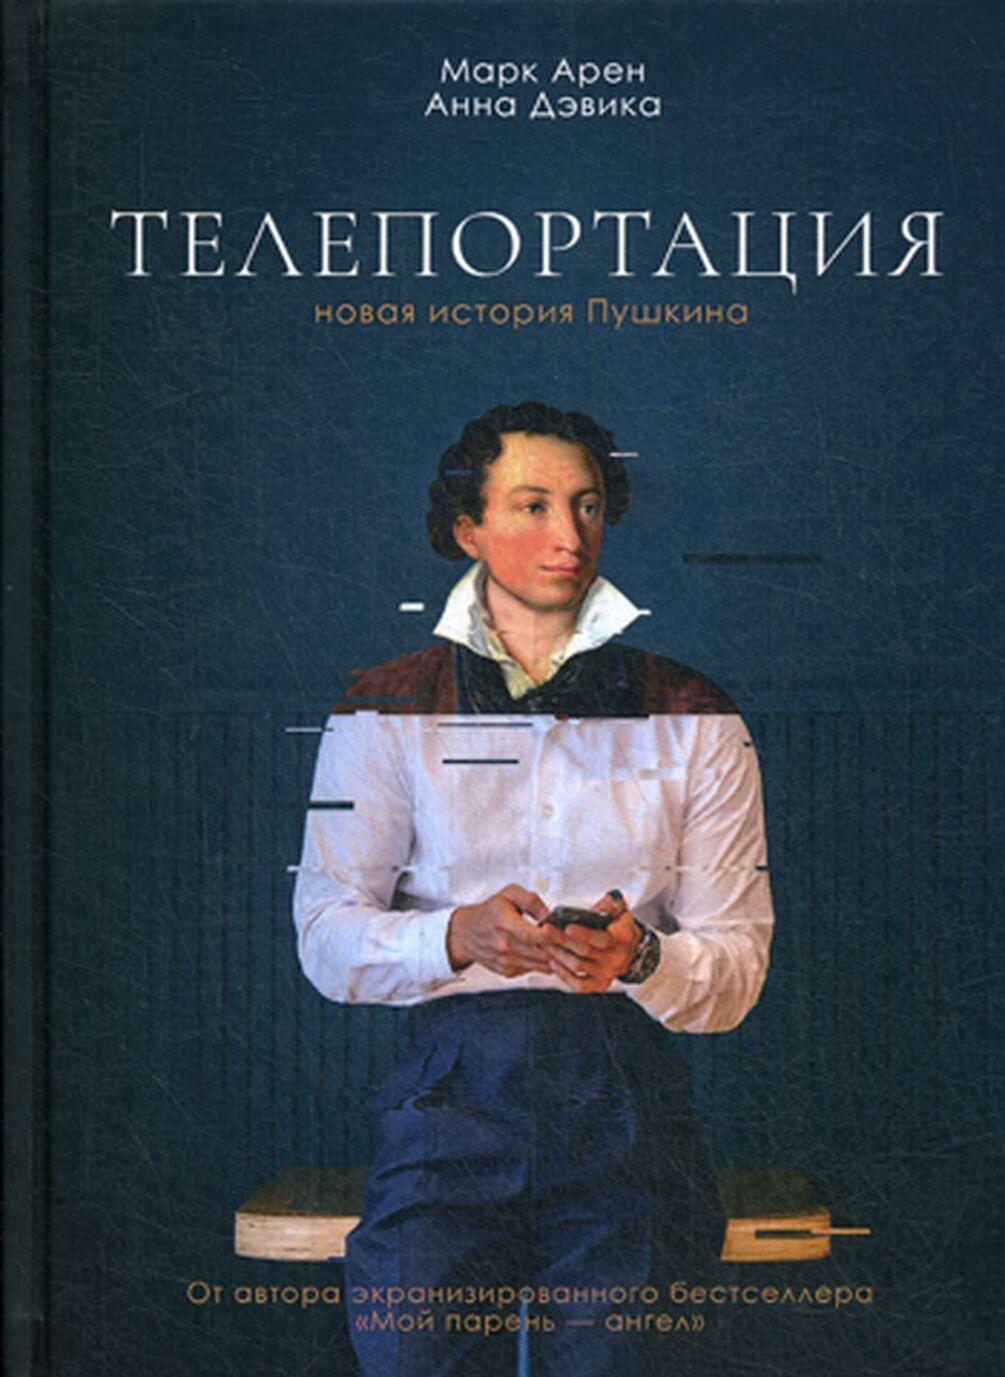 Teleportatsija. Novaja istorija Pushkina